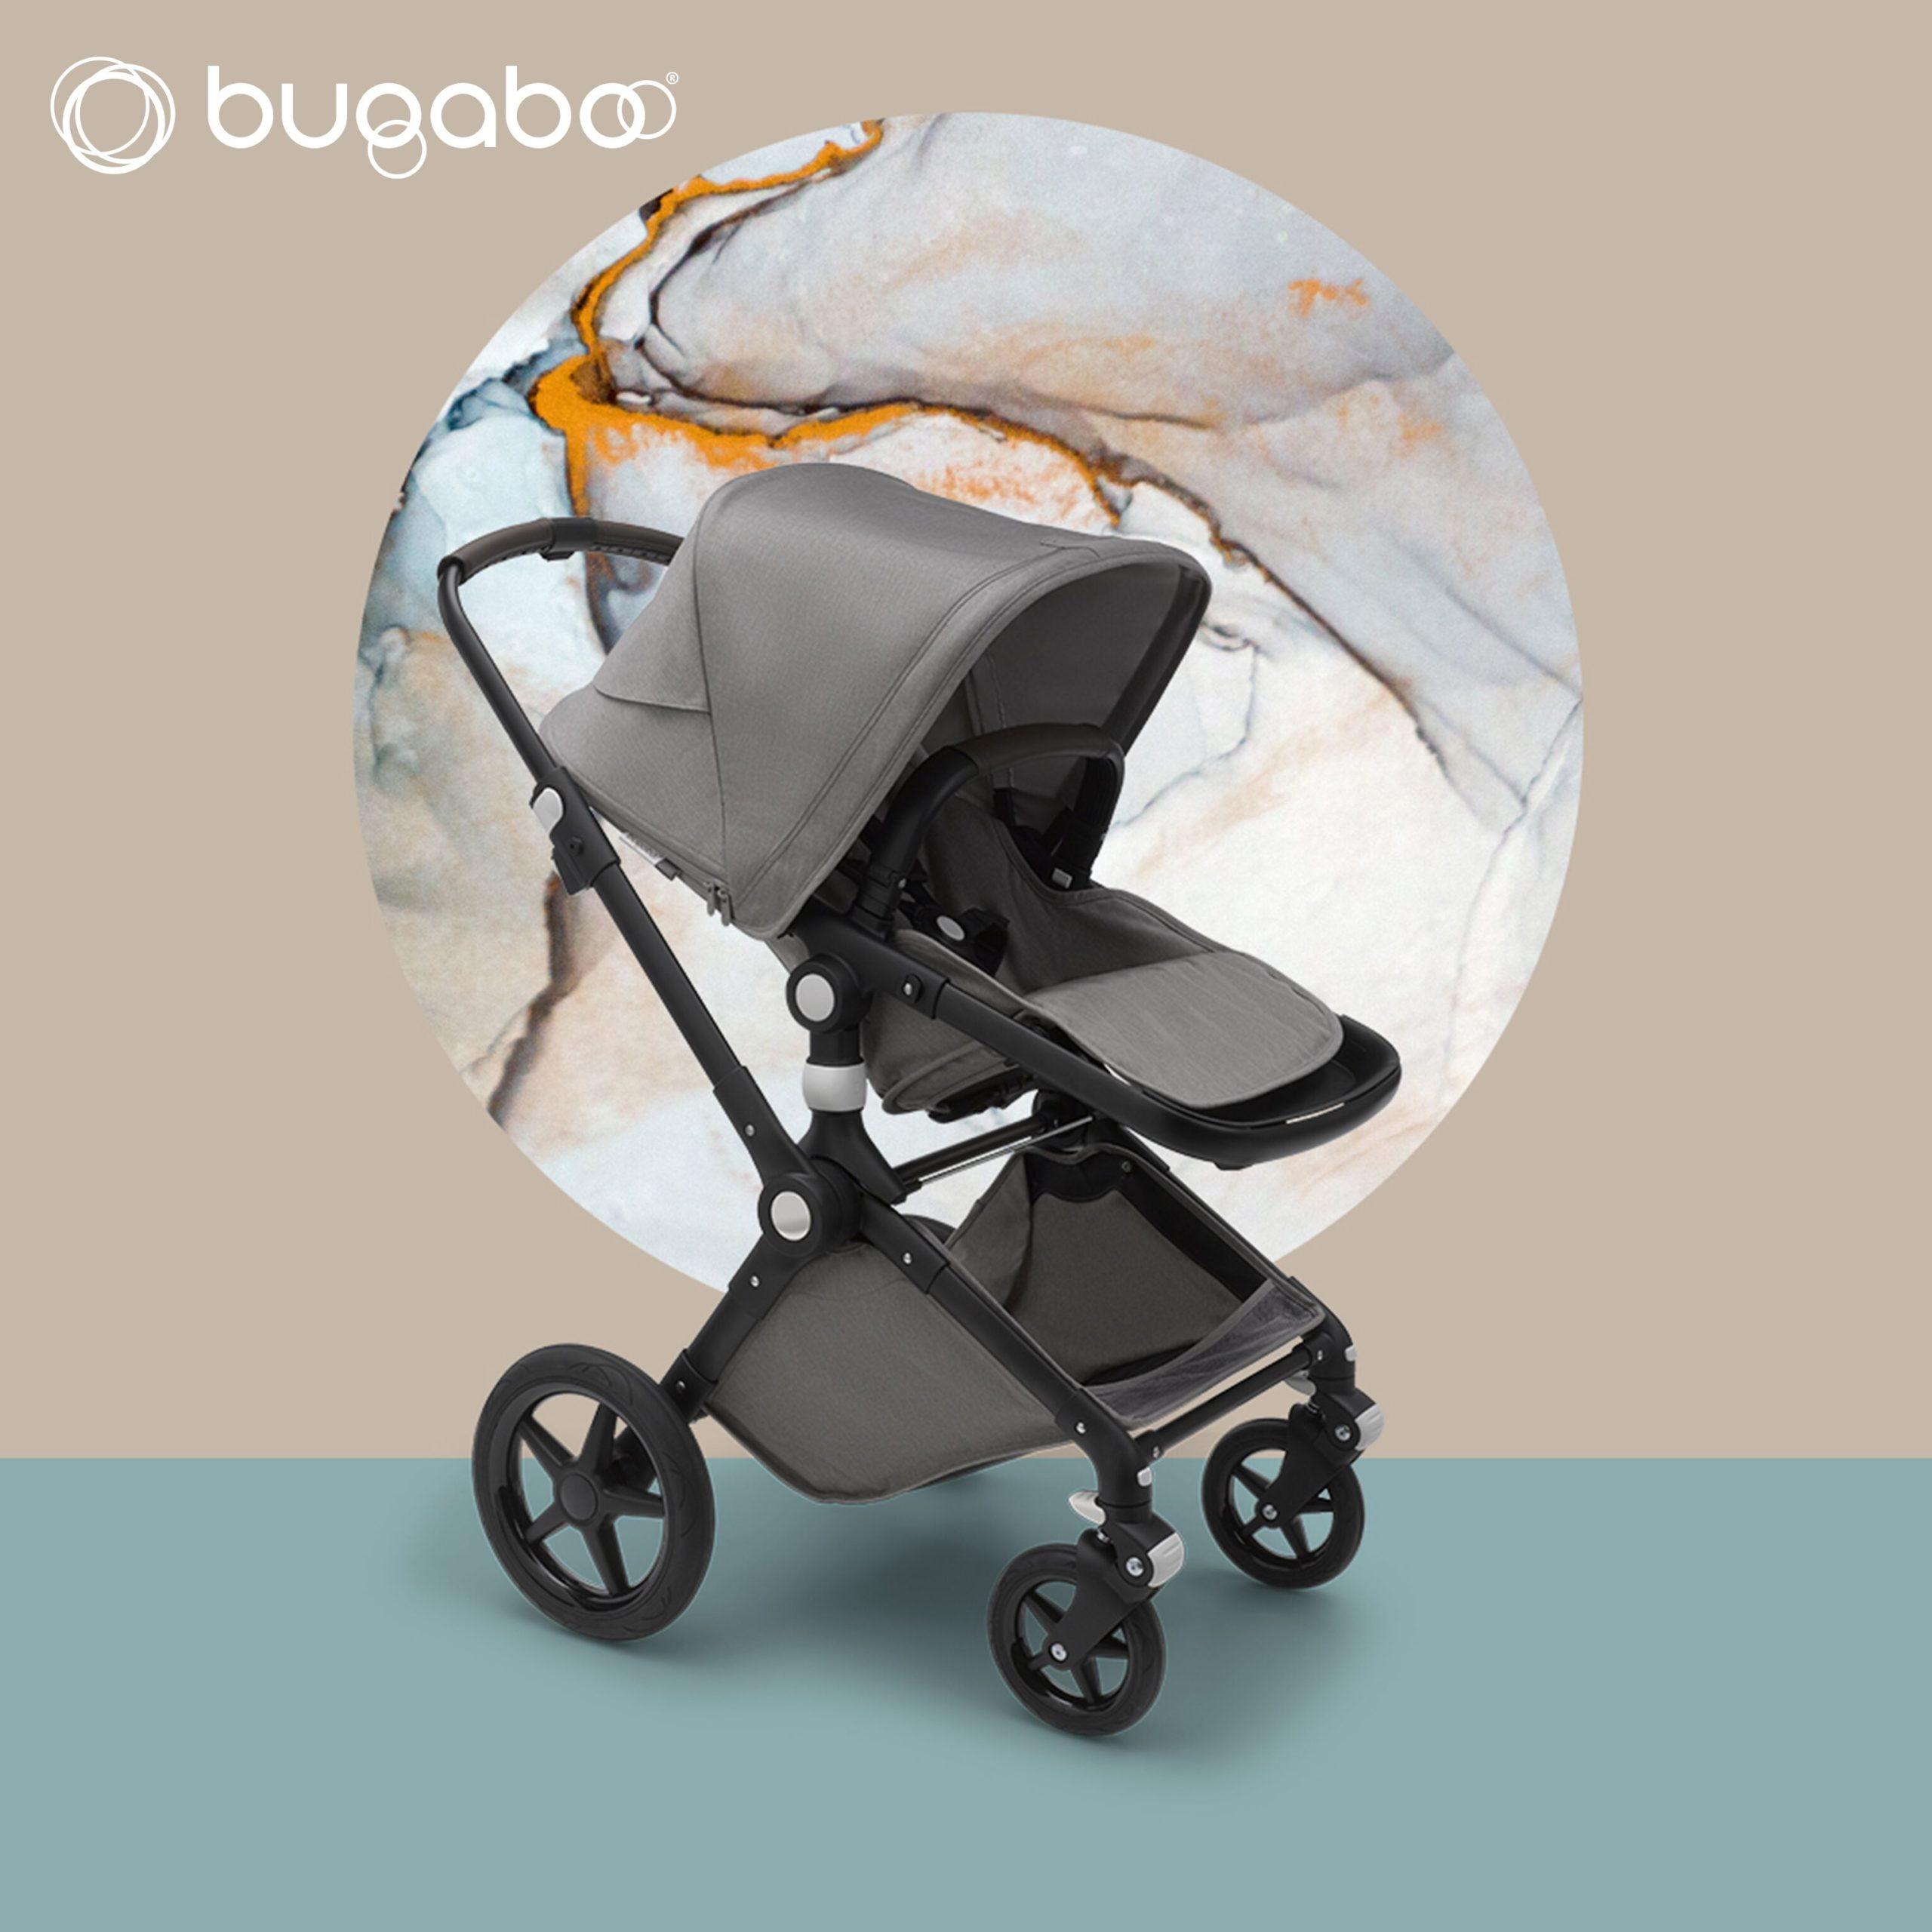 Nuovo duo Bugaboo Lynx - Novità trio 2021